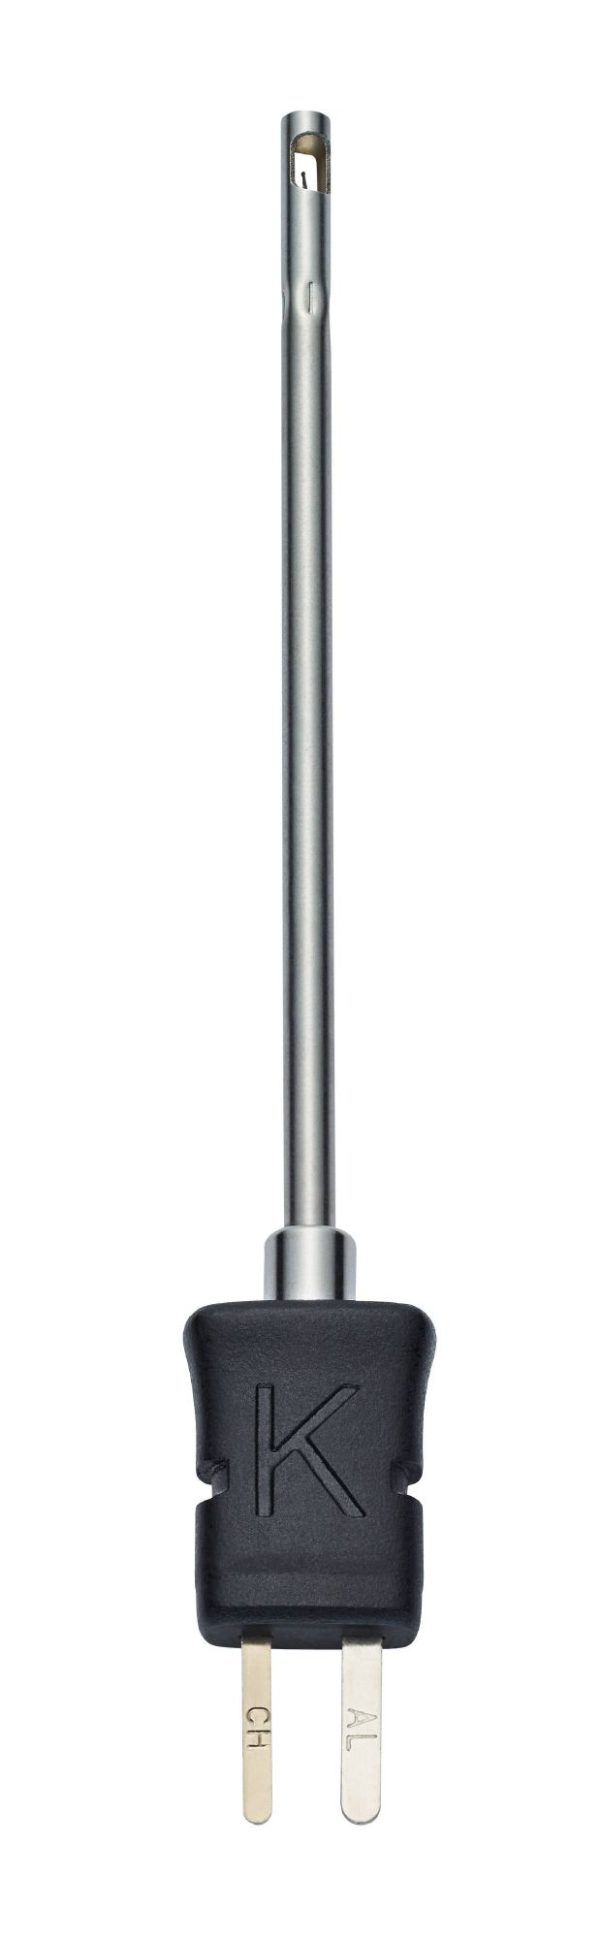 testo 915i - Termometer med luftsonde og smarttelefondrift